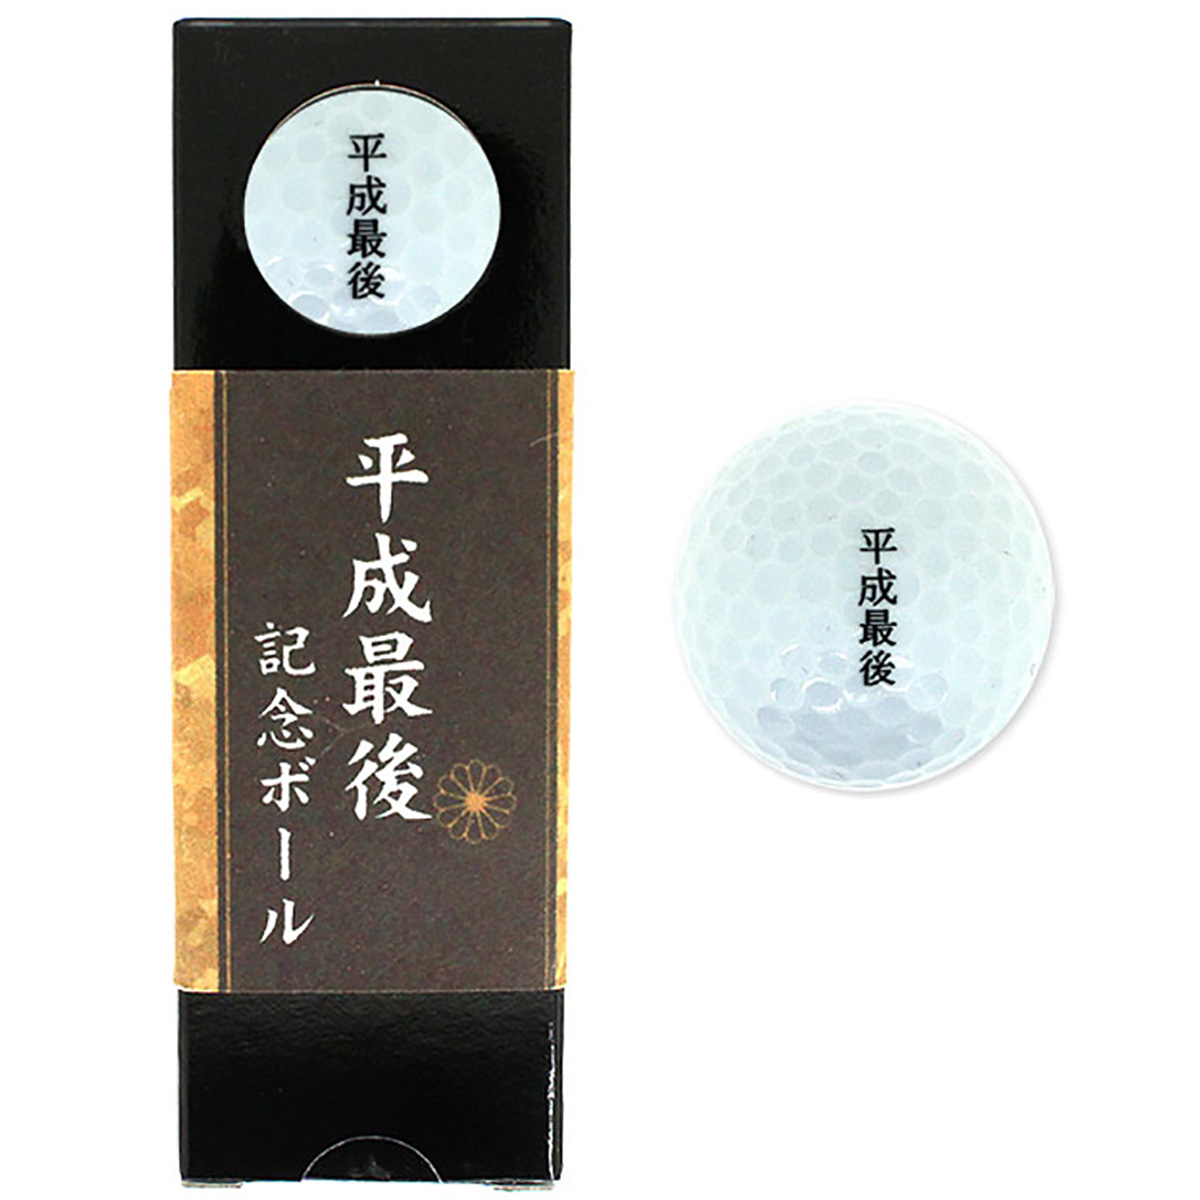 ホクシン交易 平成最後記念ボール3個セット